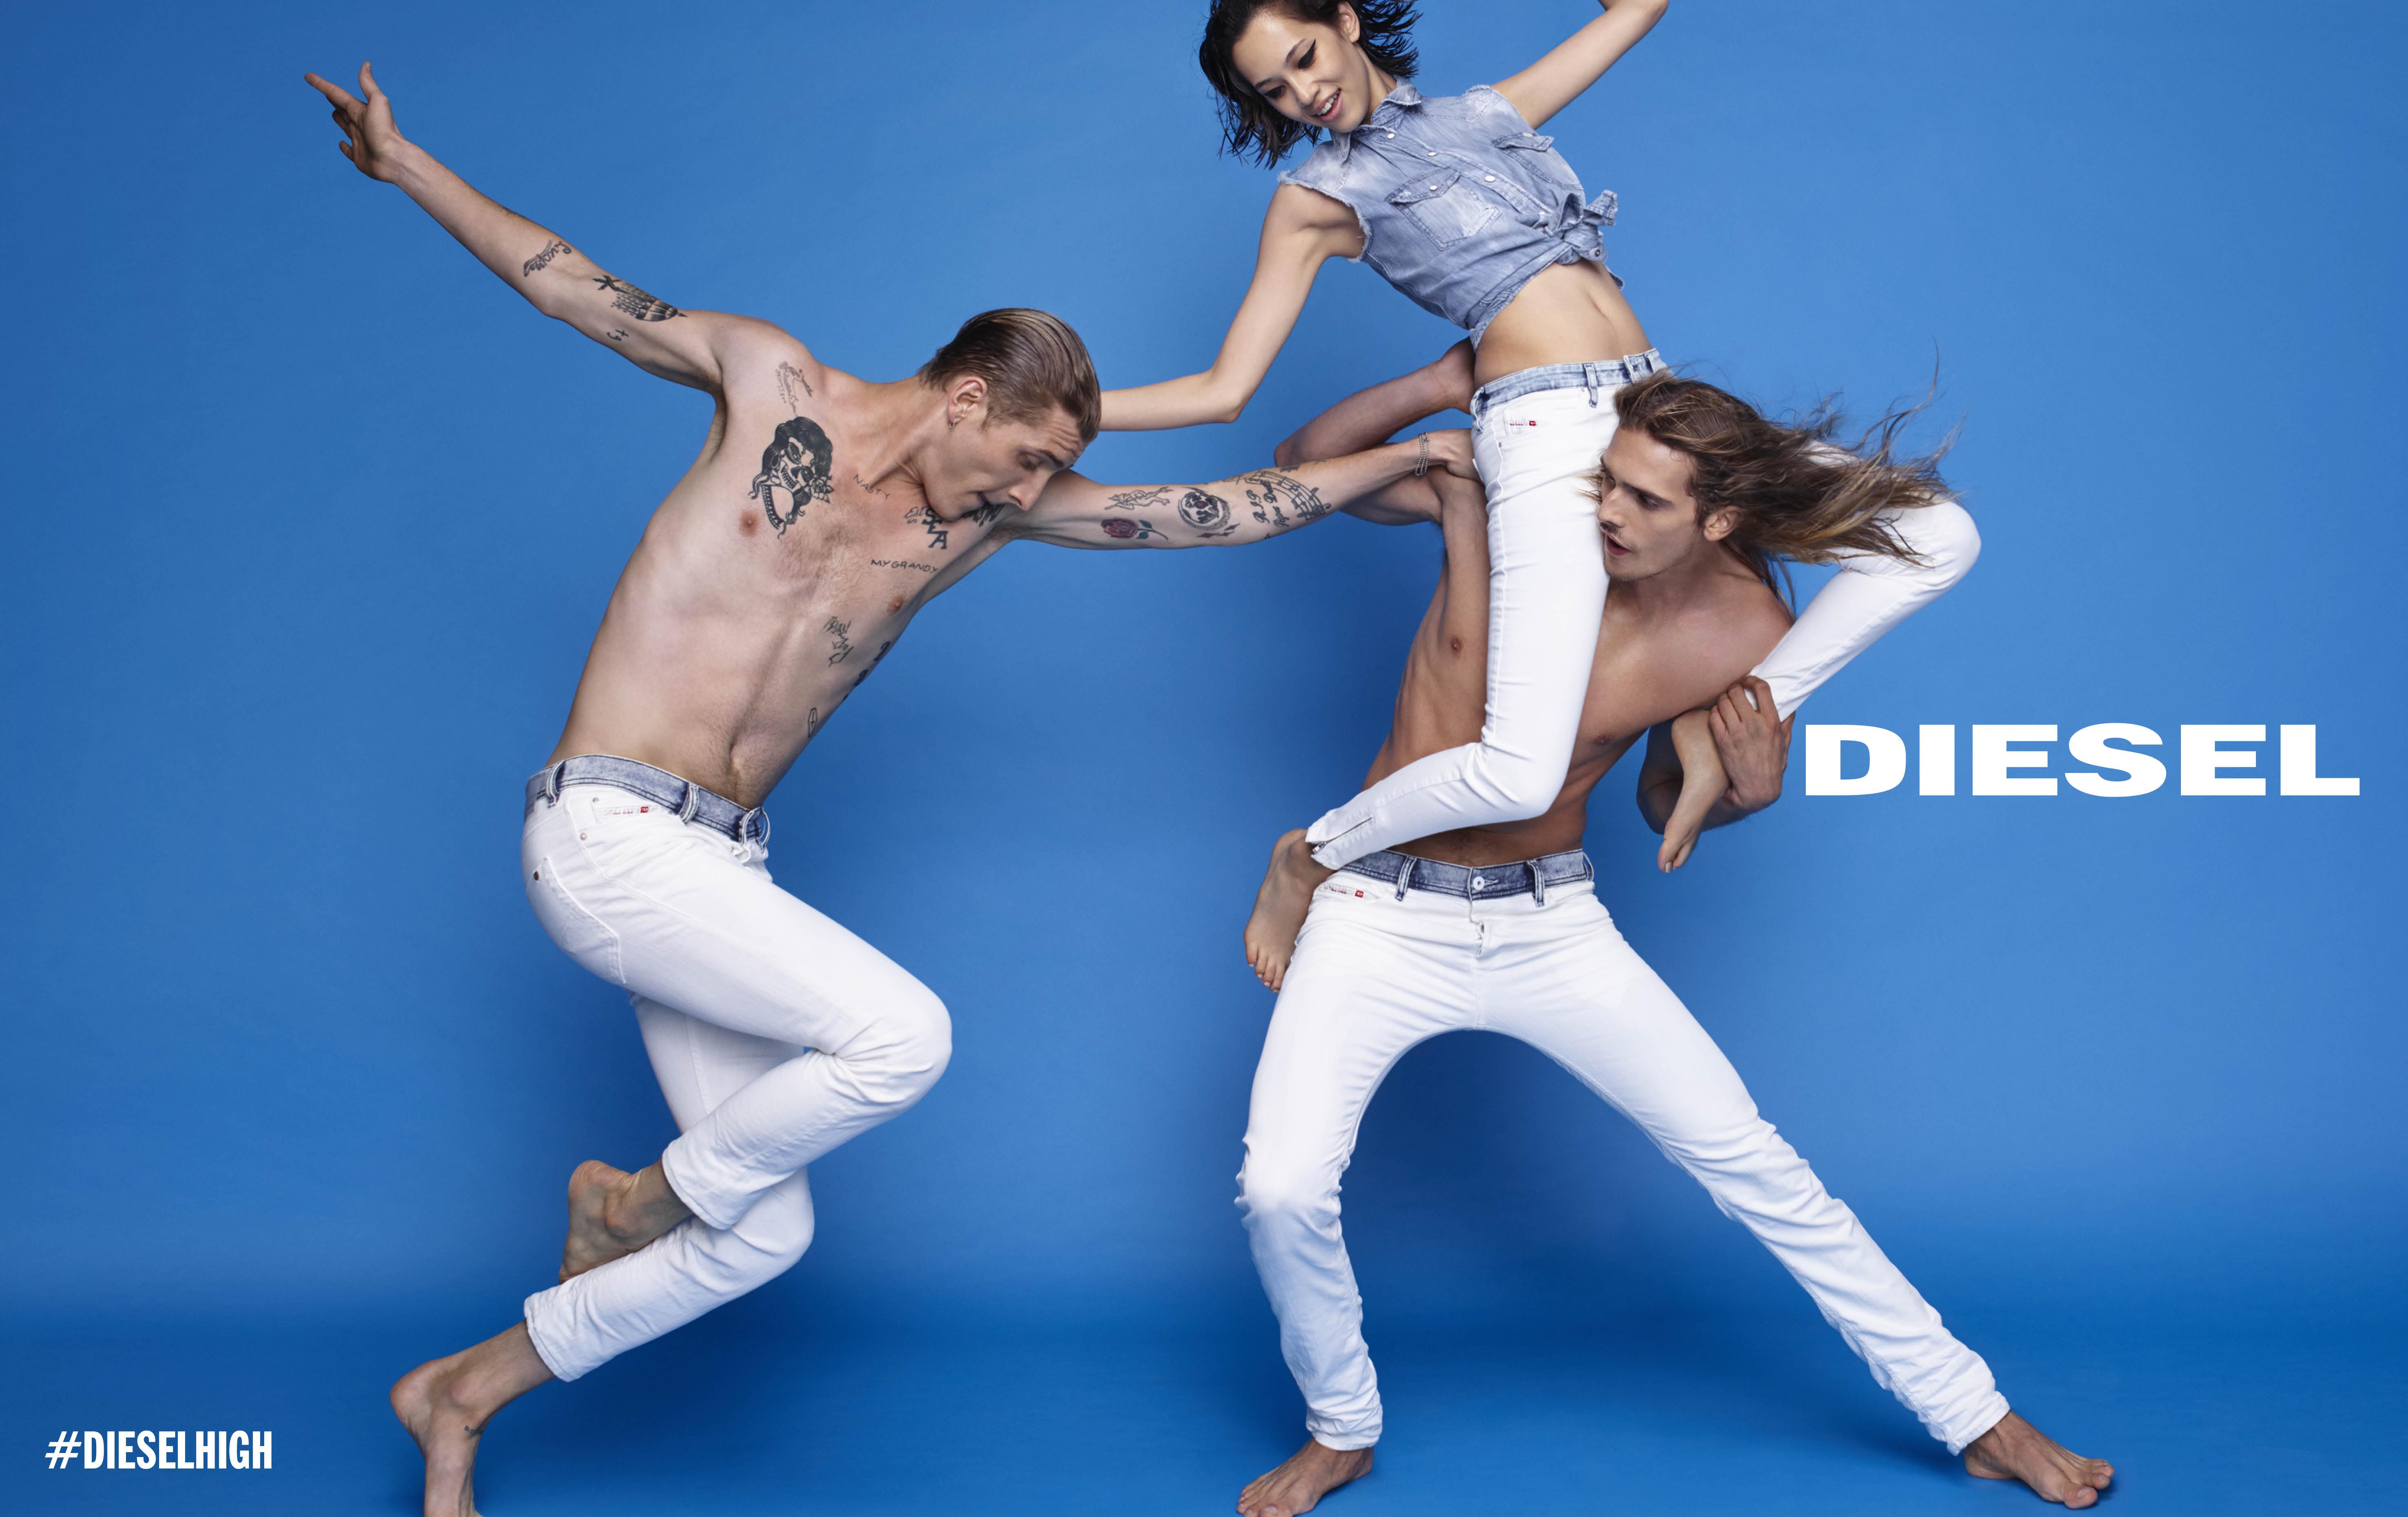 DIESEL_SS15_AD-DPS_06-WHITE-DENIM